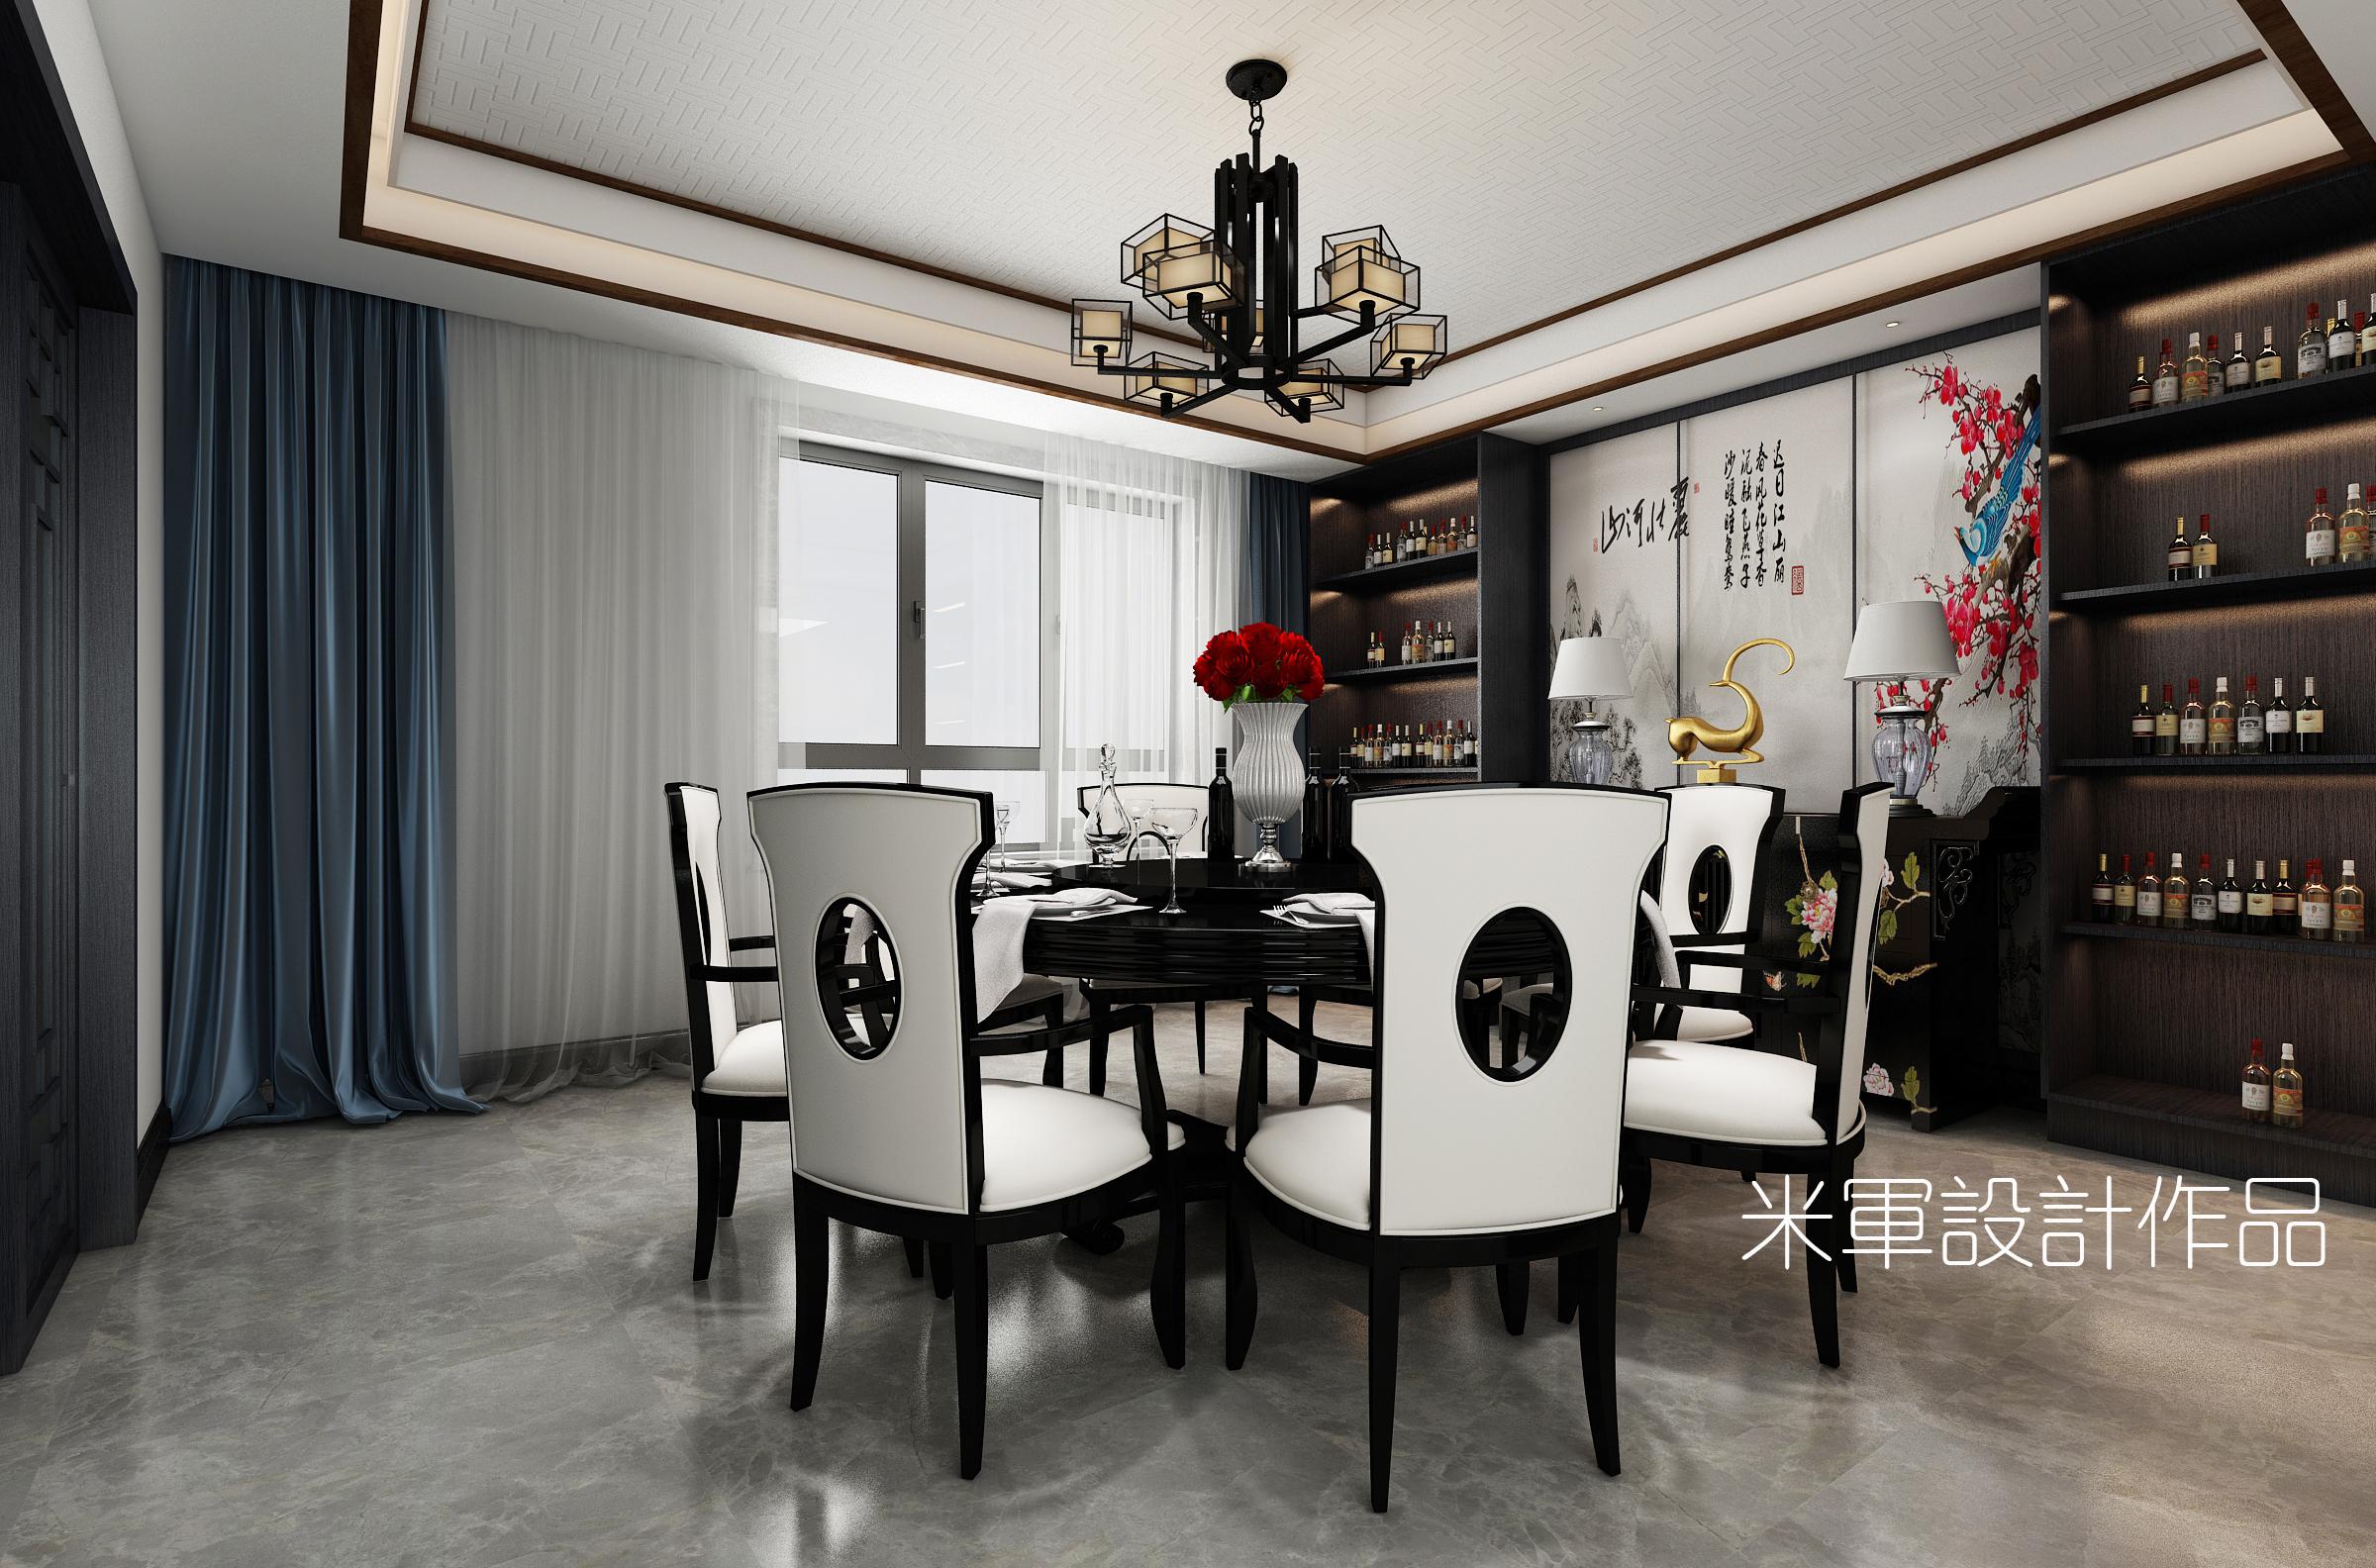 别墅 新中式图片来自米军-首席设计师在简单又有内涵的新中式设计的分享